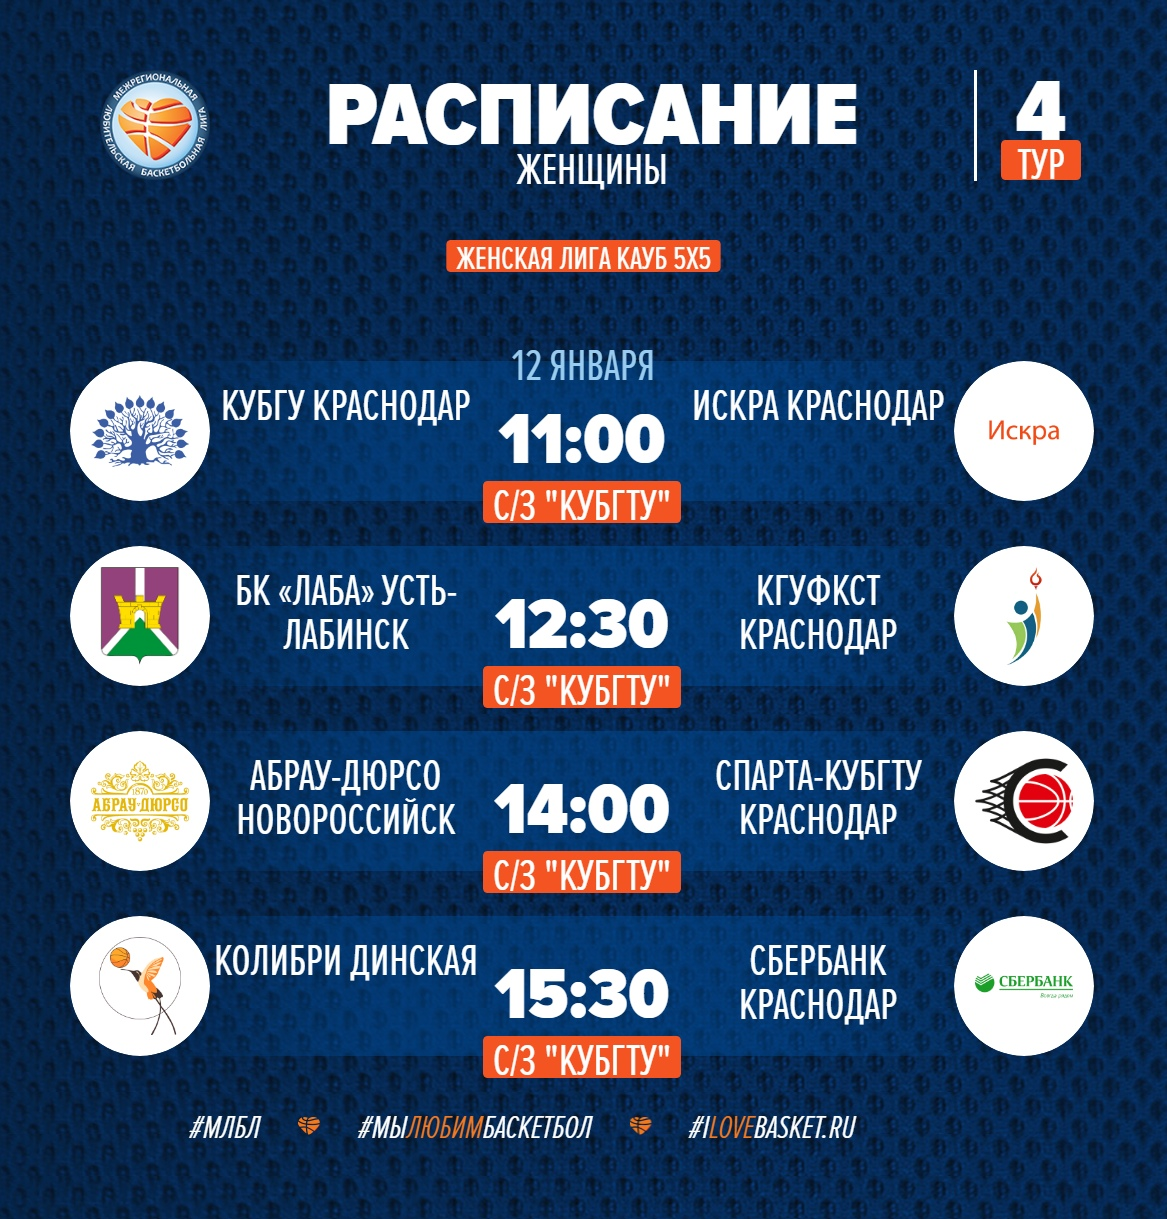 Женская лига КАУБ 5х5 Краснодар